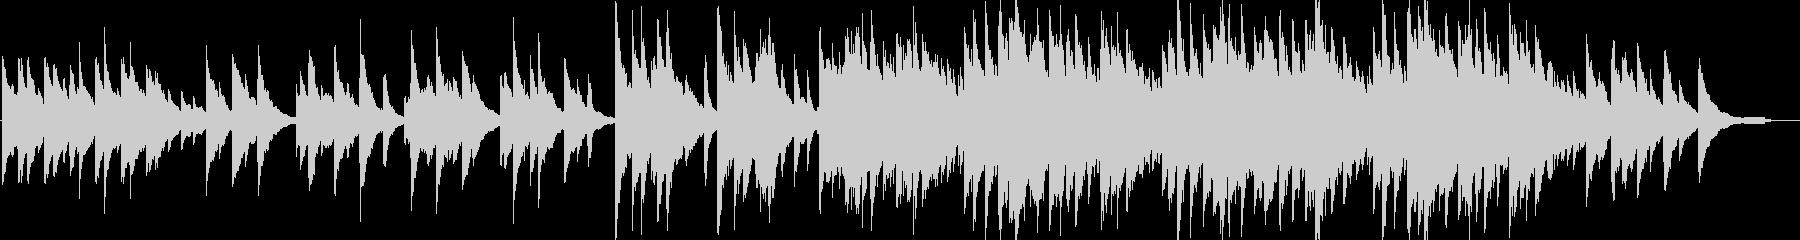 優しい・感動・ピアノ・イベント・映像用の未再生の波形